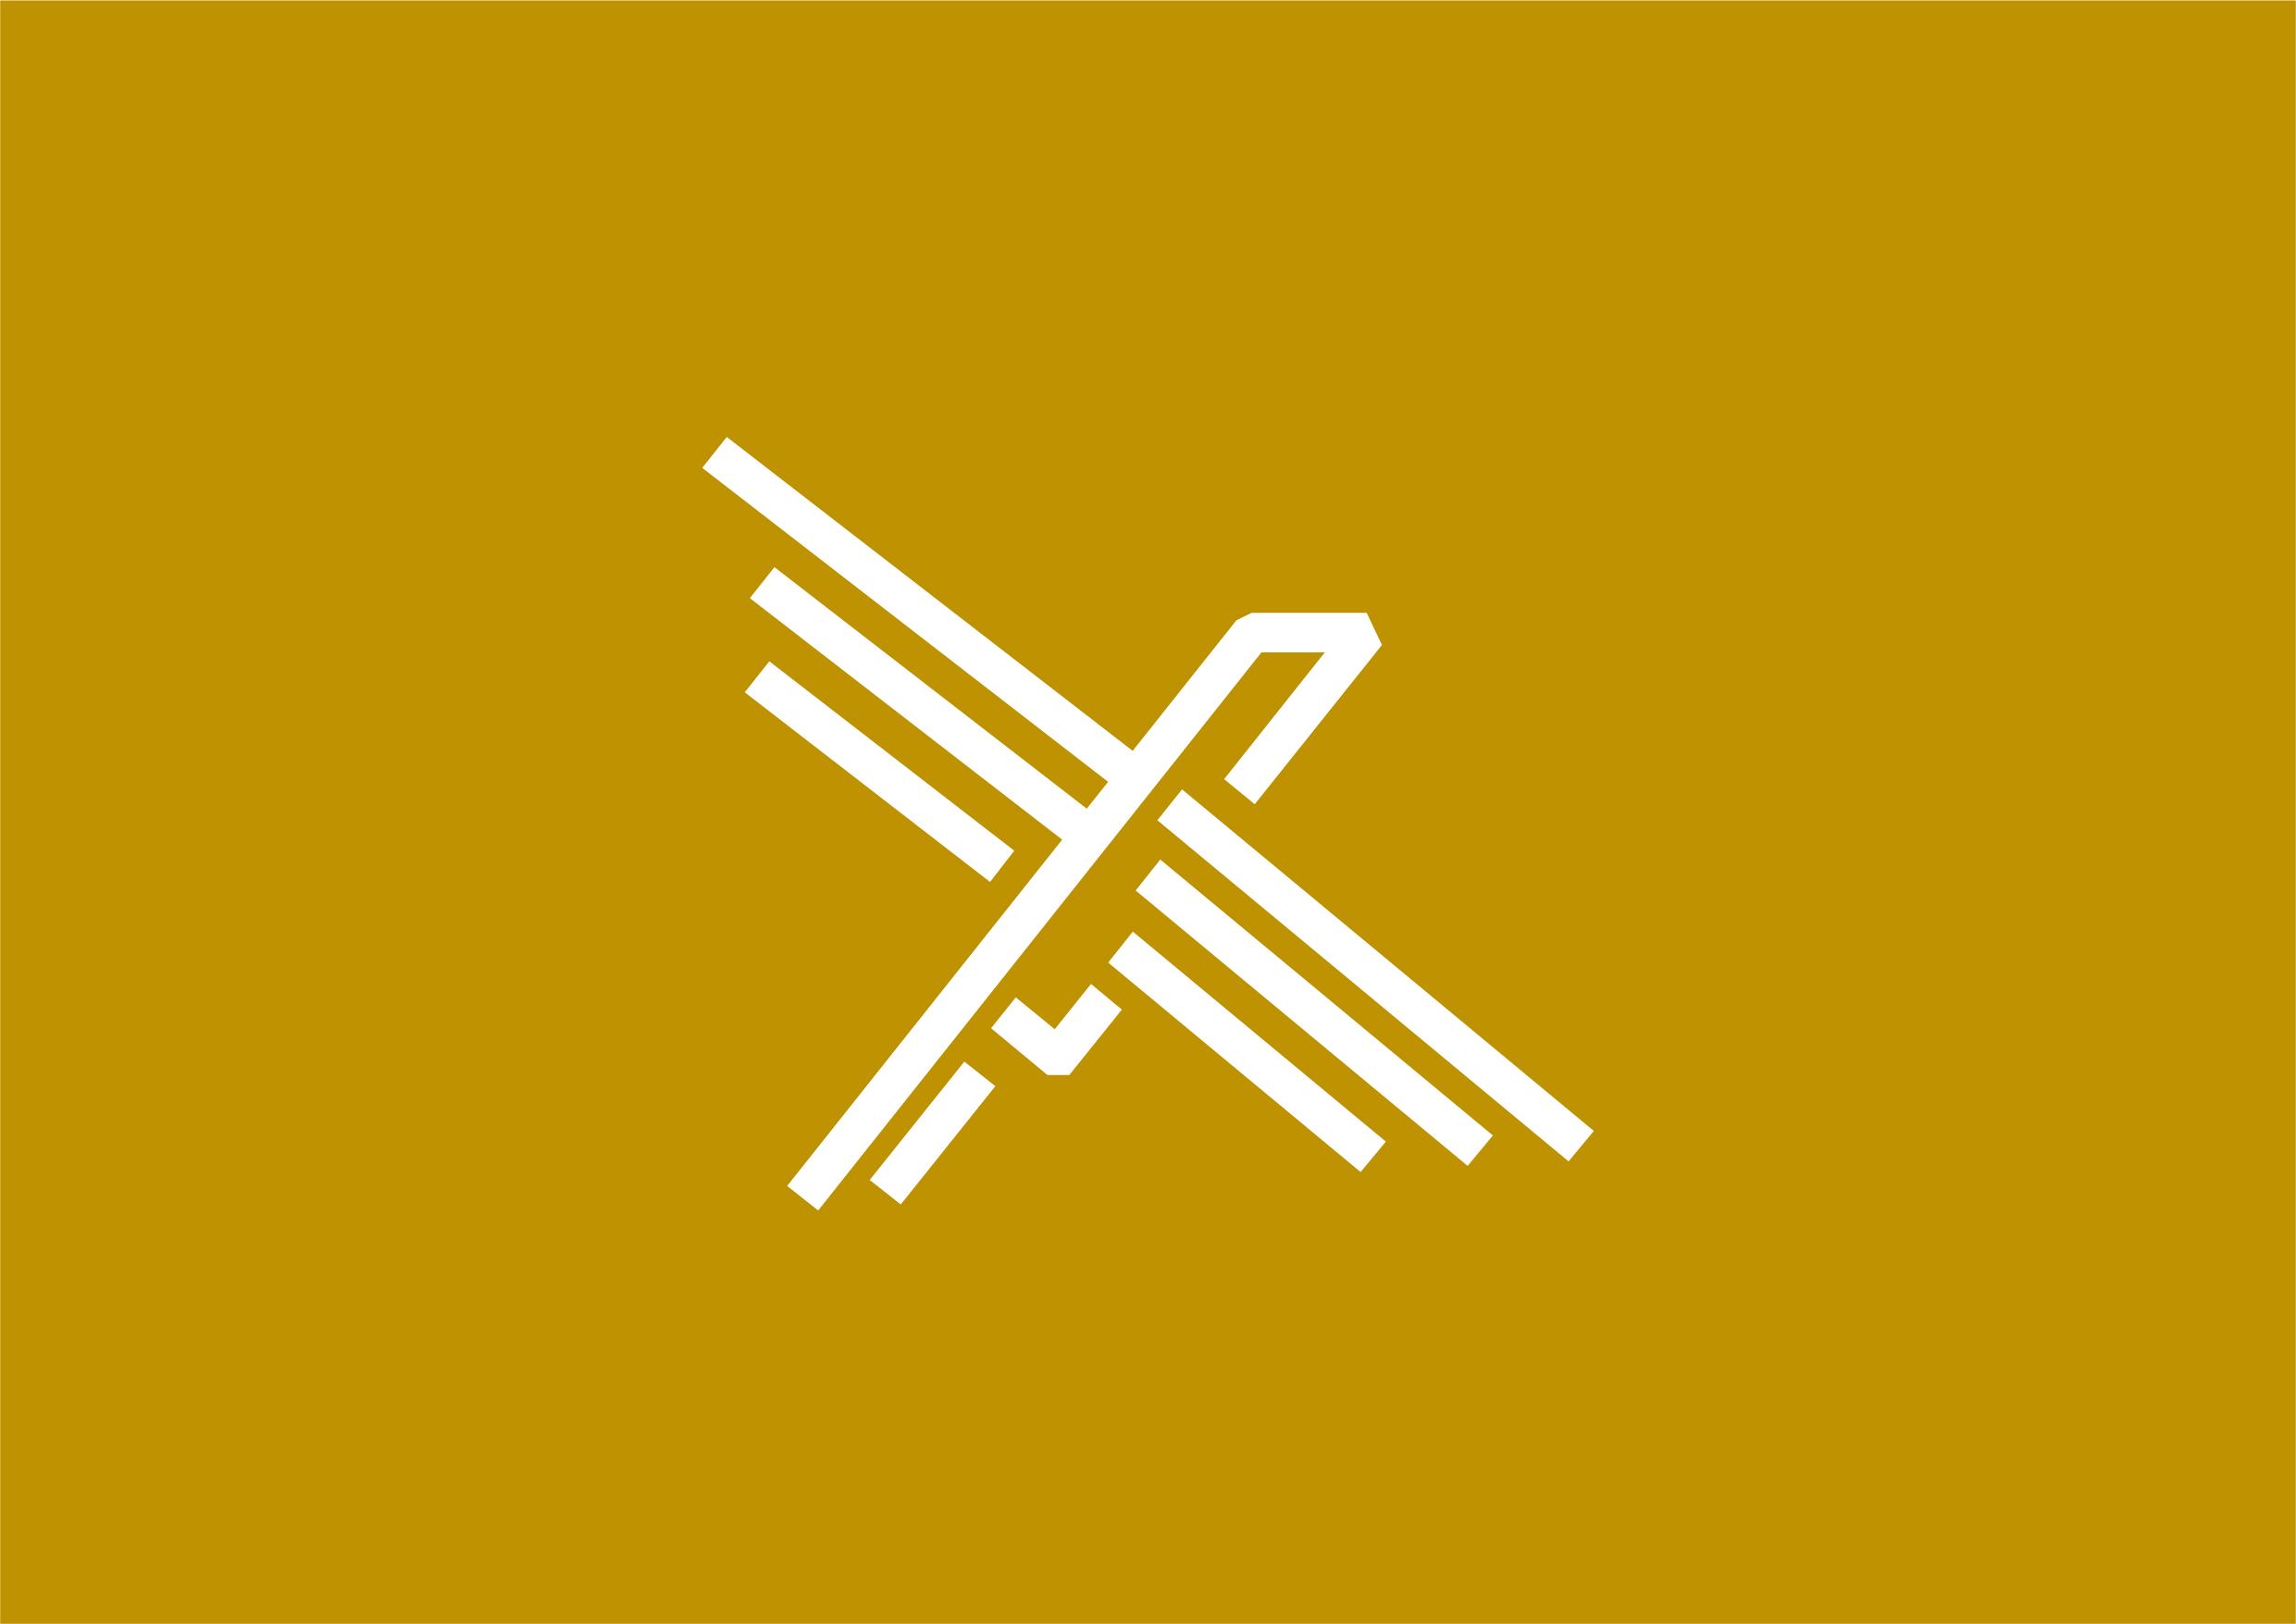 Agildata_logotyp_Logotyp_portfolio.jpg